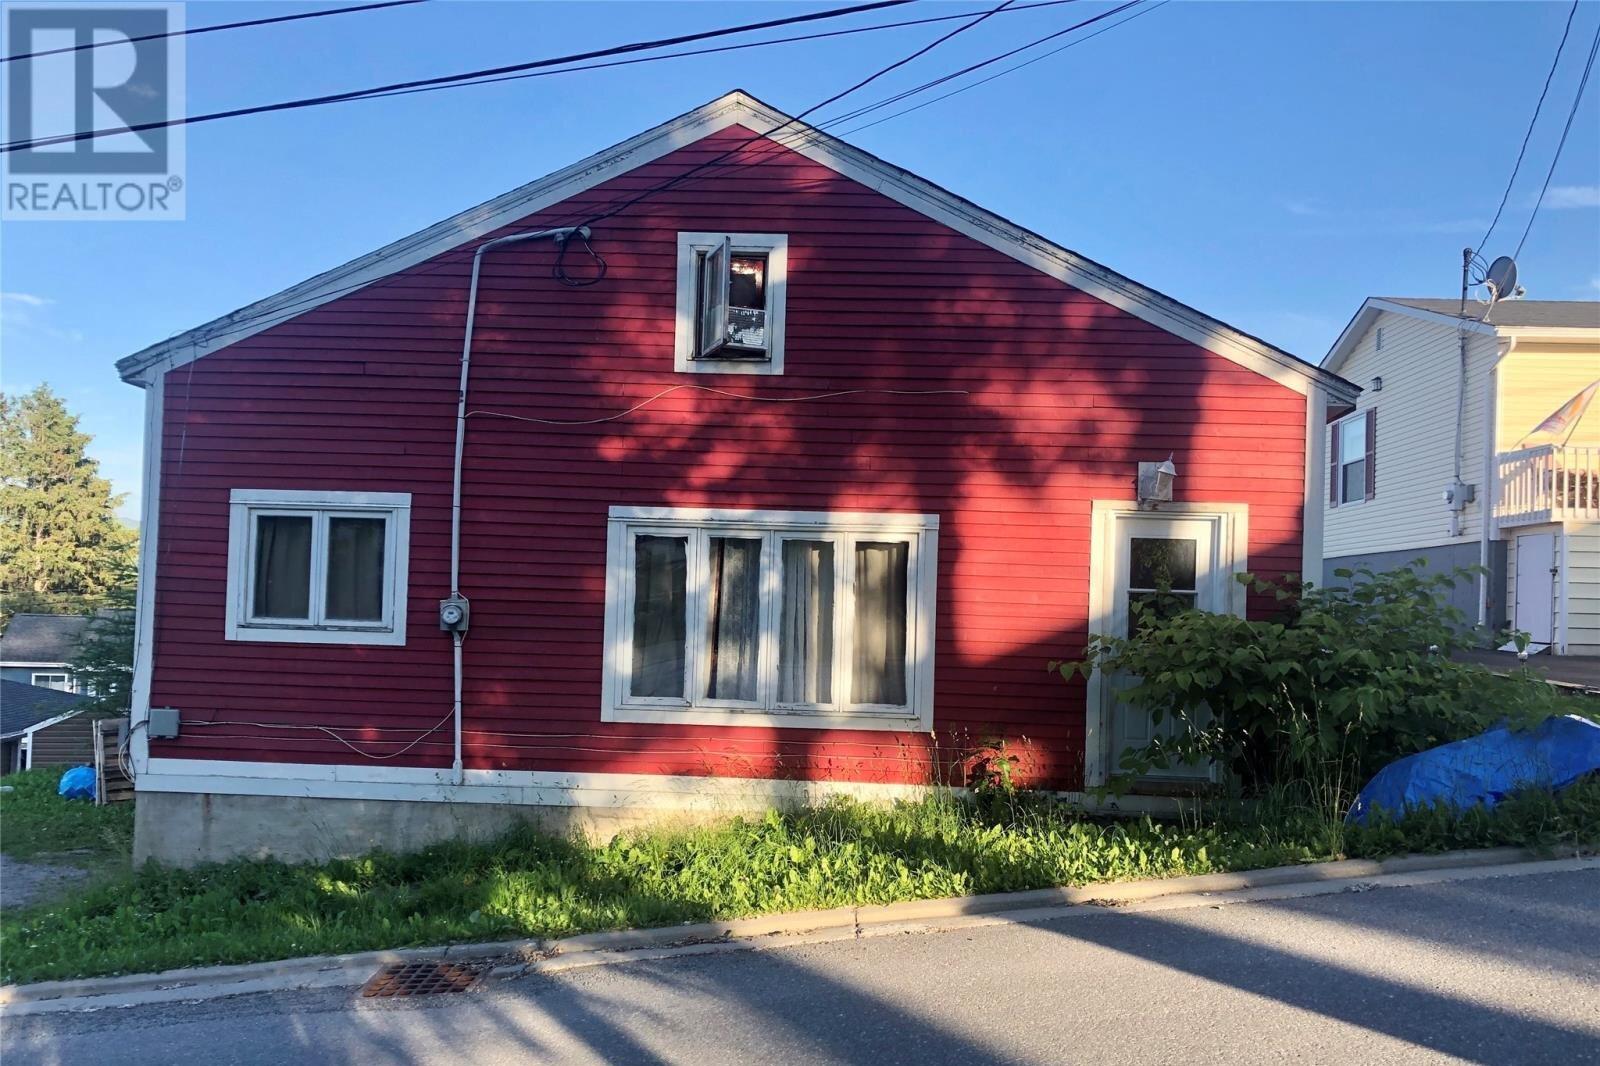 House for sale at 7 Aspen Rd Corner Brook Newfoundland - MLS: 1217702